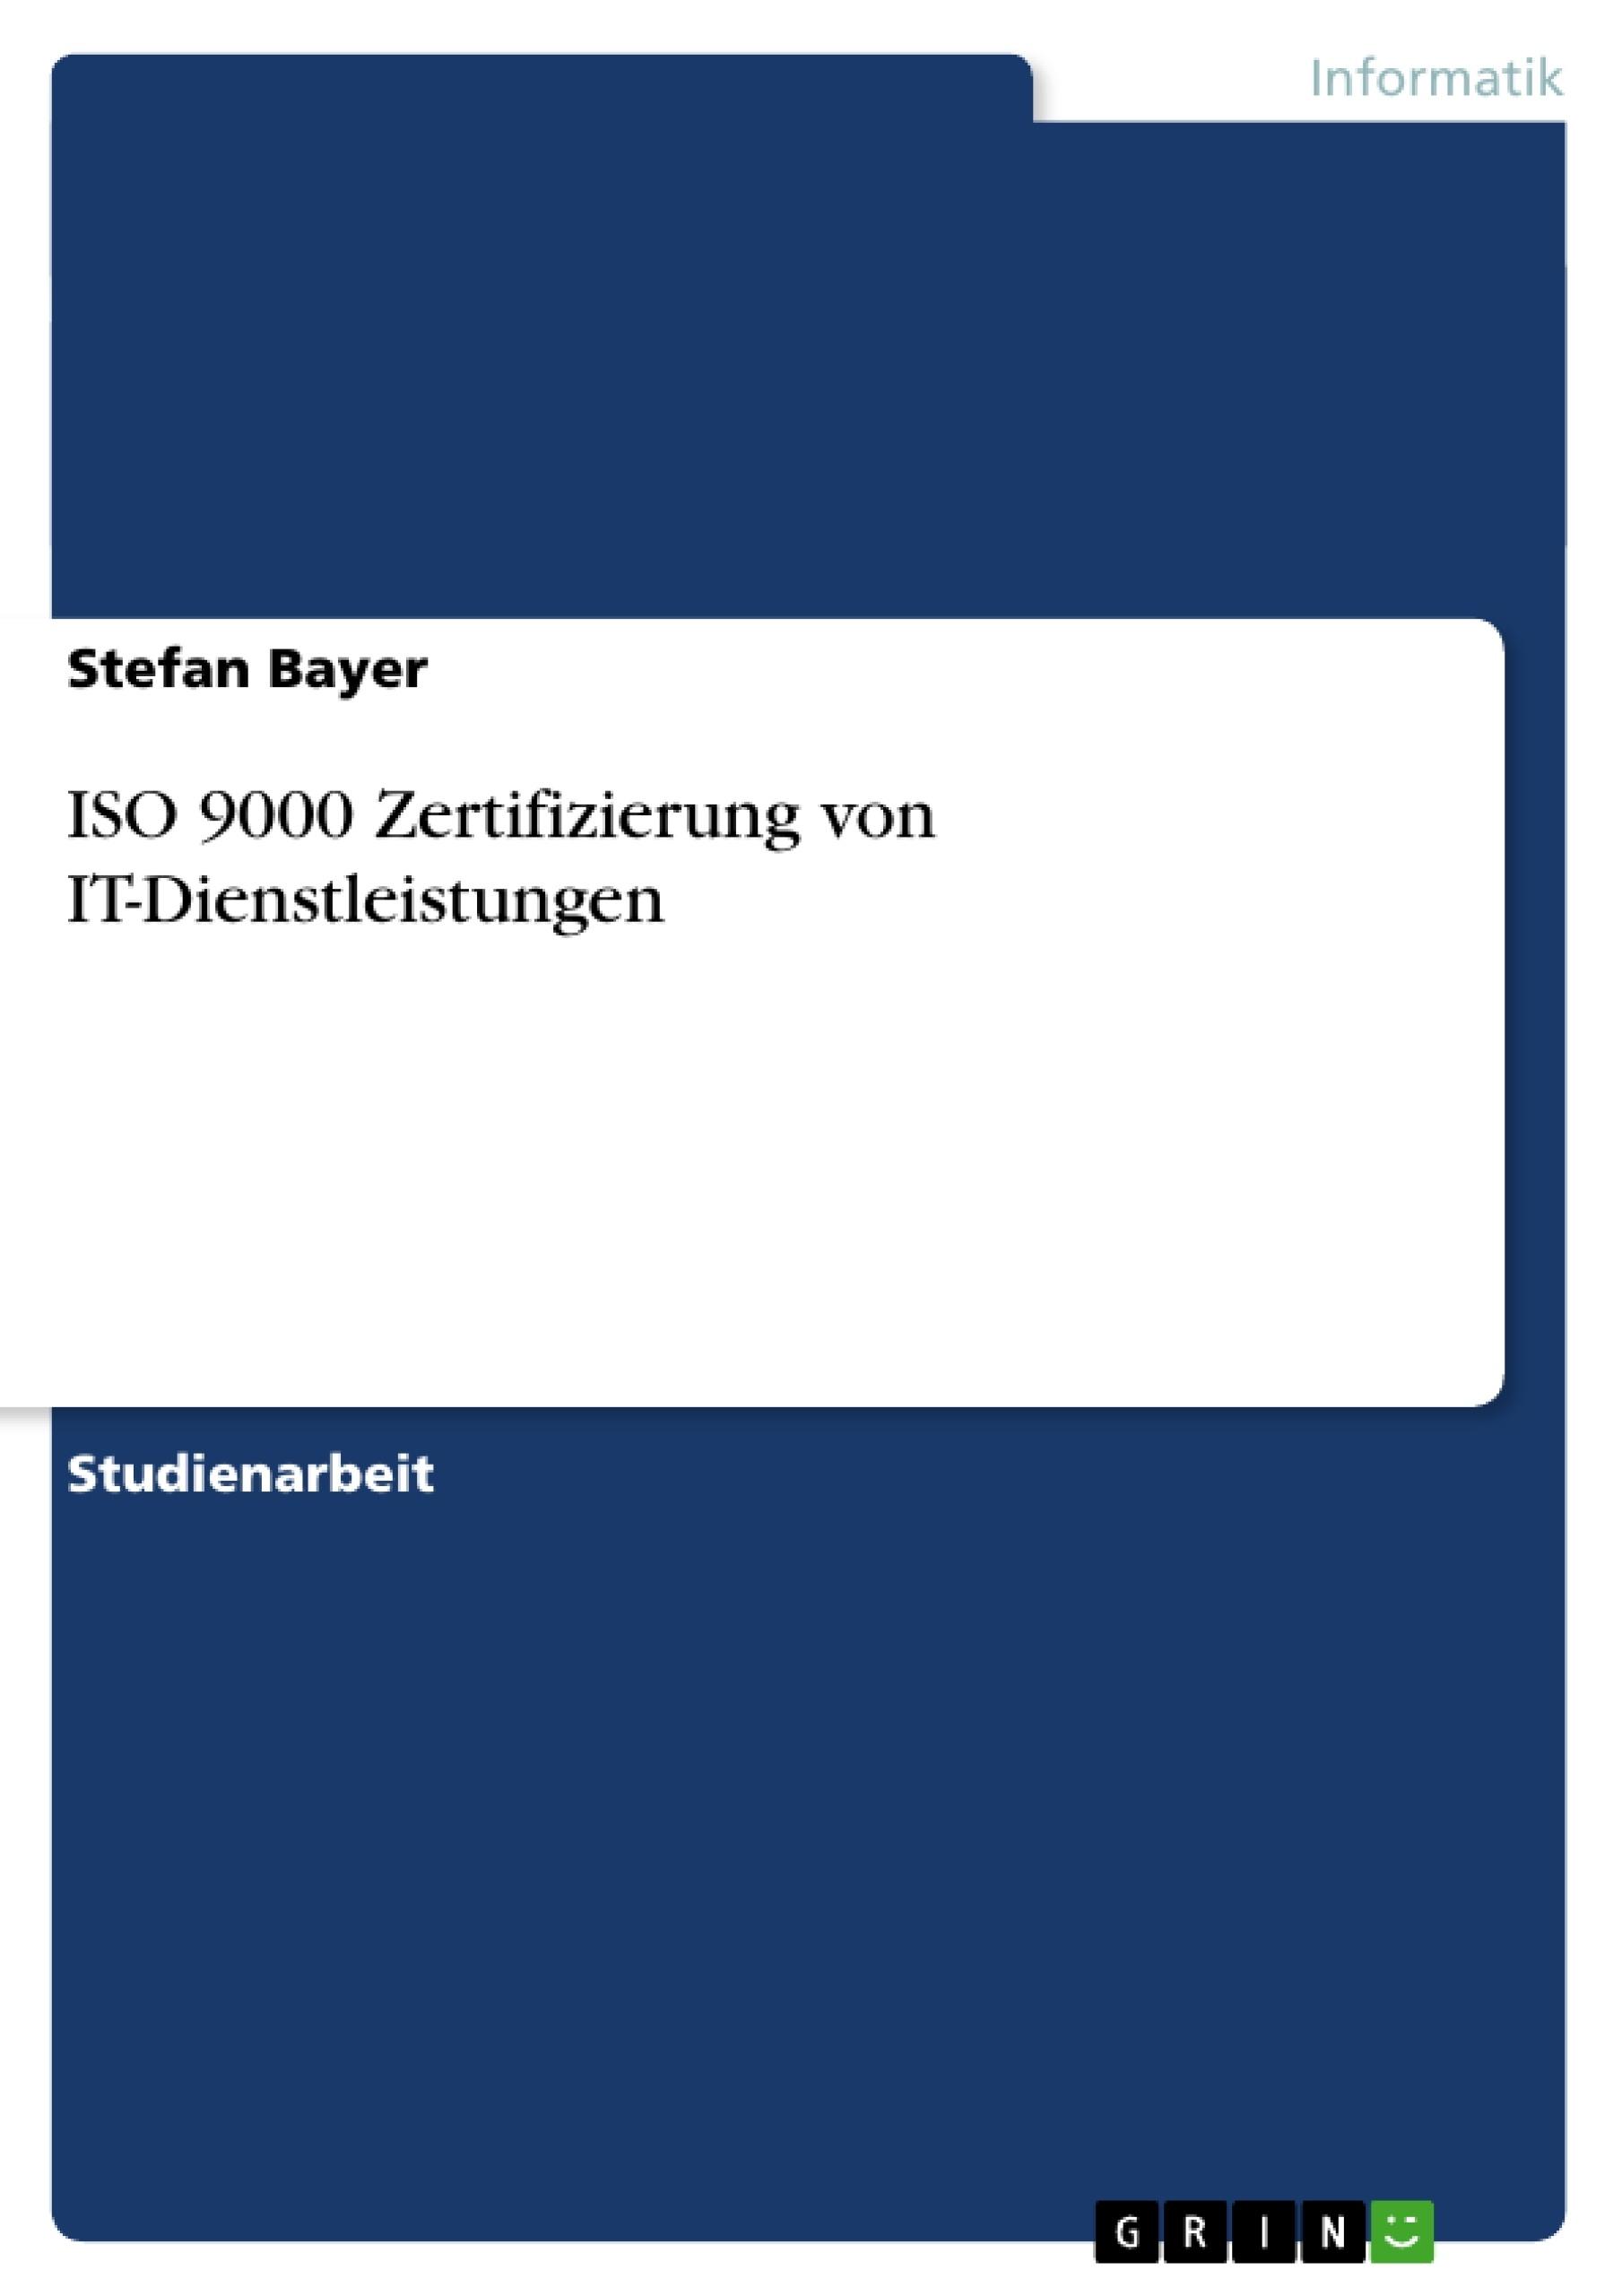 Titel: ISO 9000 Zertifizierung von IT-Dienstleistungen